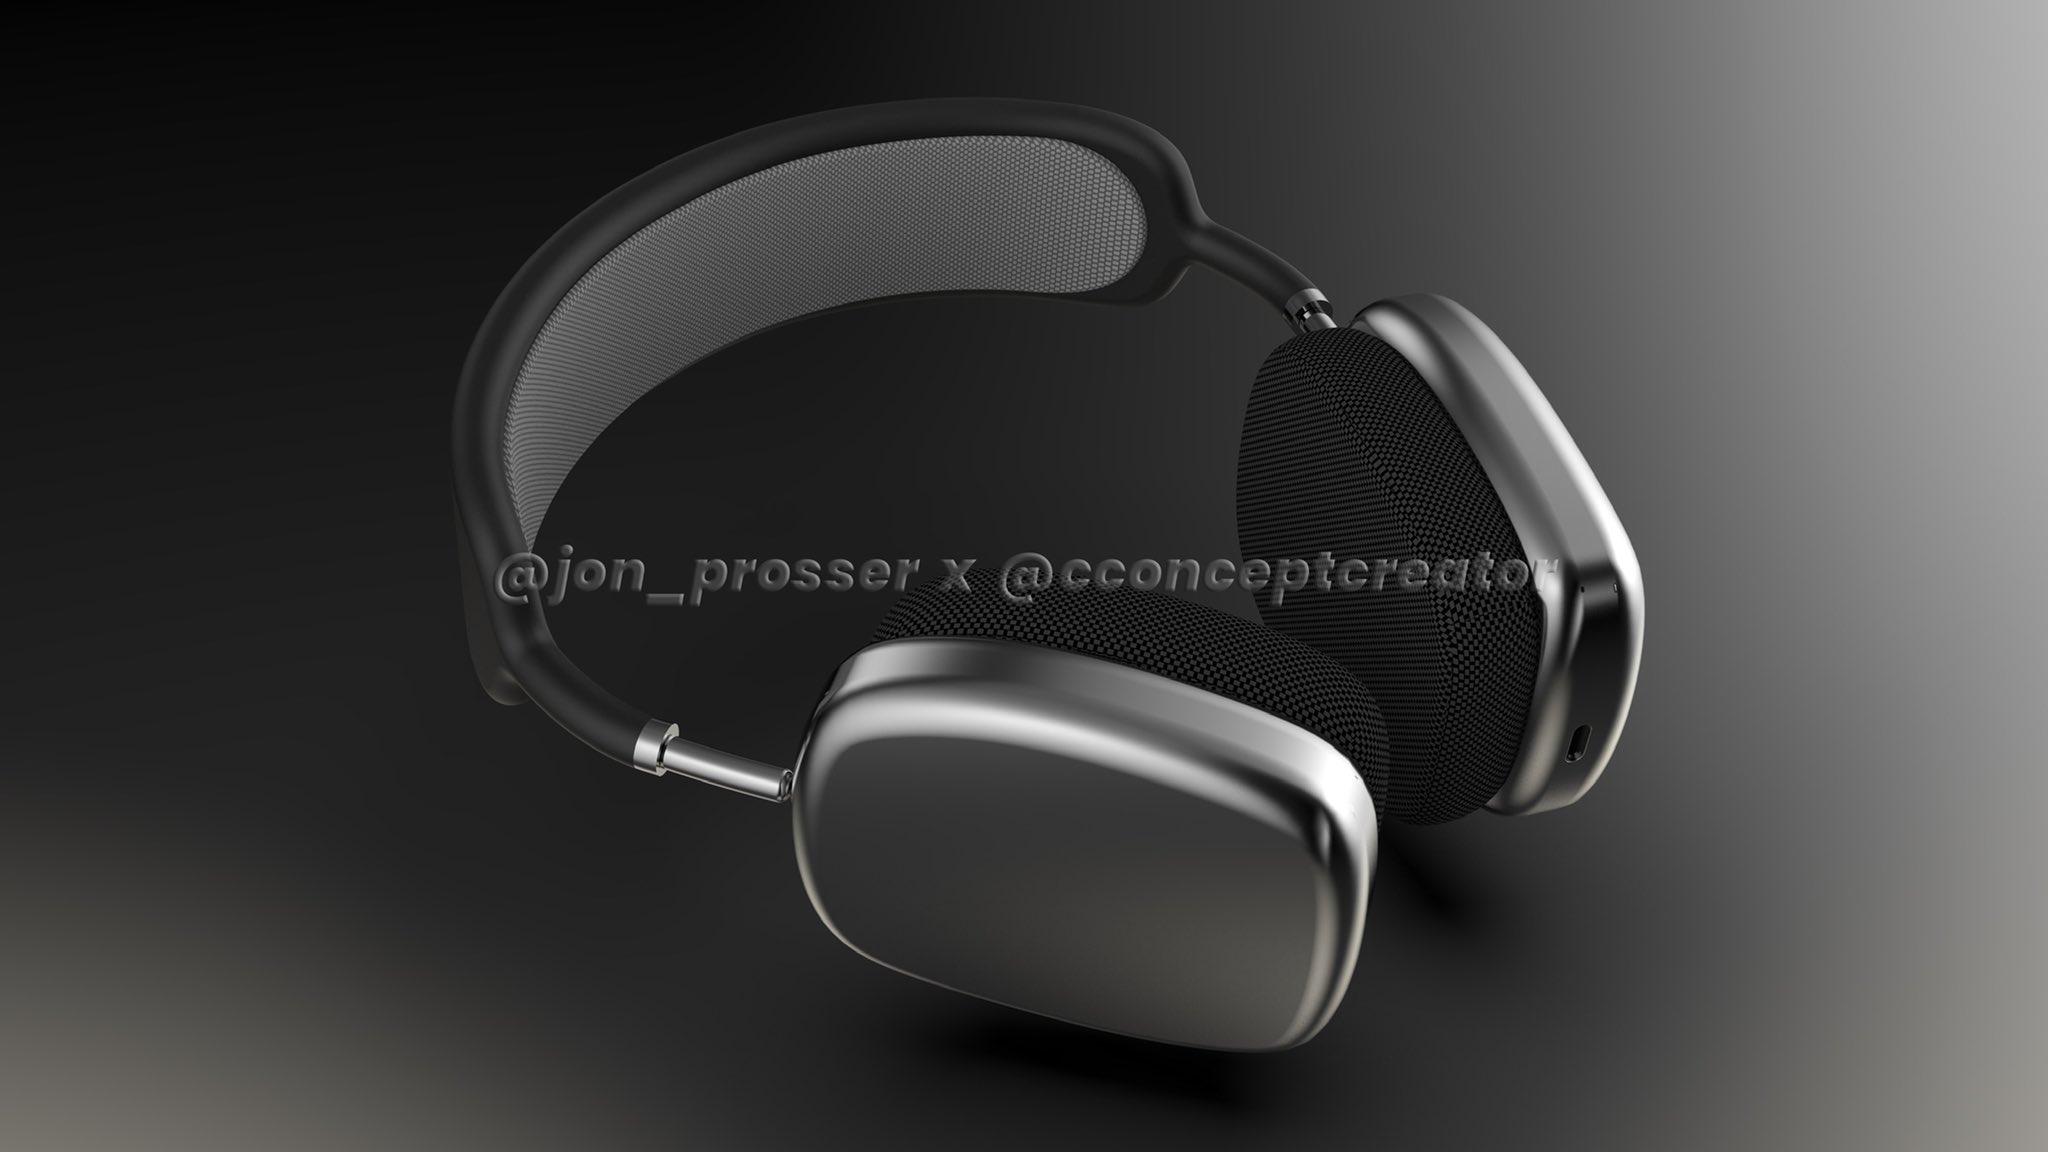 słuchawki Apple AirPods Studio cena kiedy premiera wygląd jak wyglądają plotki przecieki wycieki